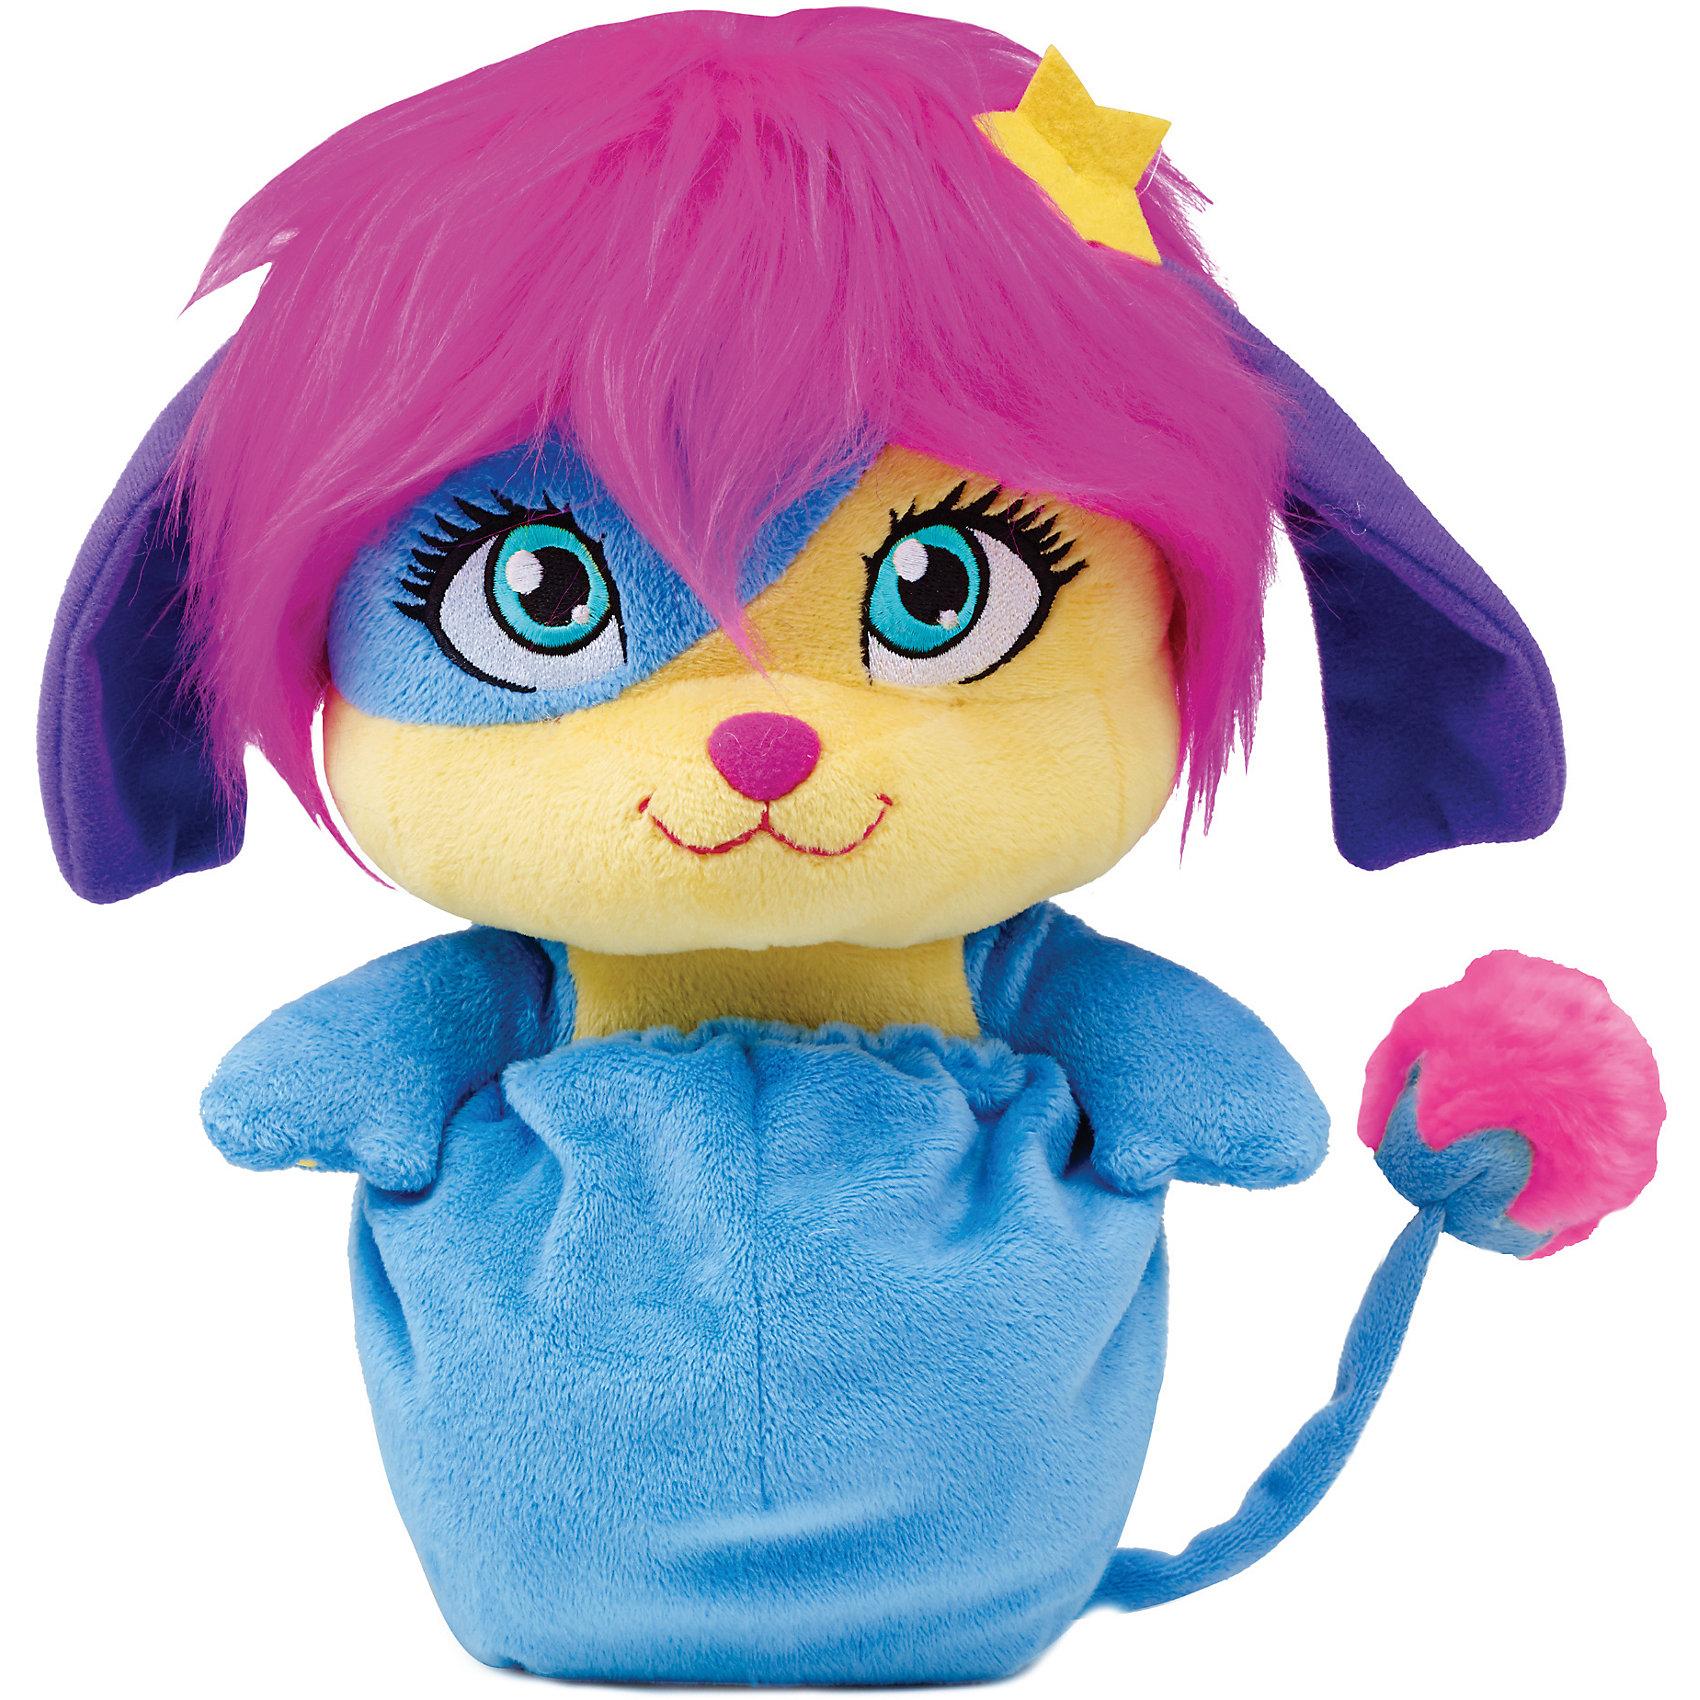 Мягкая игрушка Лулу, 20 см, сворачивается в шар, PopplesЛюбимые герои<br>Мягкая игрушка Лулу, 20 см, сворачивается в шар, Popples<br><br>Характеристика:<br><br>-Возраст: от 4 лет<br>-Для девочек <br>-Цвет: разноцветный<br>-Материал: плюш<br>-Размер: 20 см<br>-Марка: Popples<br><br>Мягкая игрушка Popples - это уникальная мягкая игрушка для детей. Игрушка по имени Лулу яркая и веселая. Самое интересное то, что она имеет небольшой кармашек, что позволяет превратить игрушку в небольшой шар. Благодаря этому ее легко брать на прогулку или в путешествие.<br><br>Мягкая игрушка Лулу, 20 см, сворачивается в шар, Popples можно приобрести в нашем интернет-магазине.<br><br>Ширина мм: 80<br>Глубина мм: 230<br>Высота мм: 100<br>Вес г: 310<br>Возраст от месяцев: 36<br>Возраст до месяцев: 2147483647<br>Пол: Женский<br>Возраст: Детский<br>SKU: 5301639